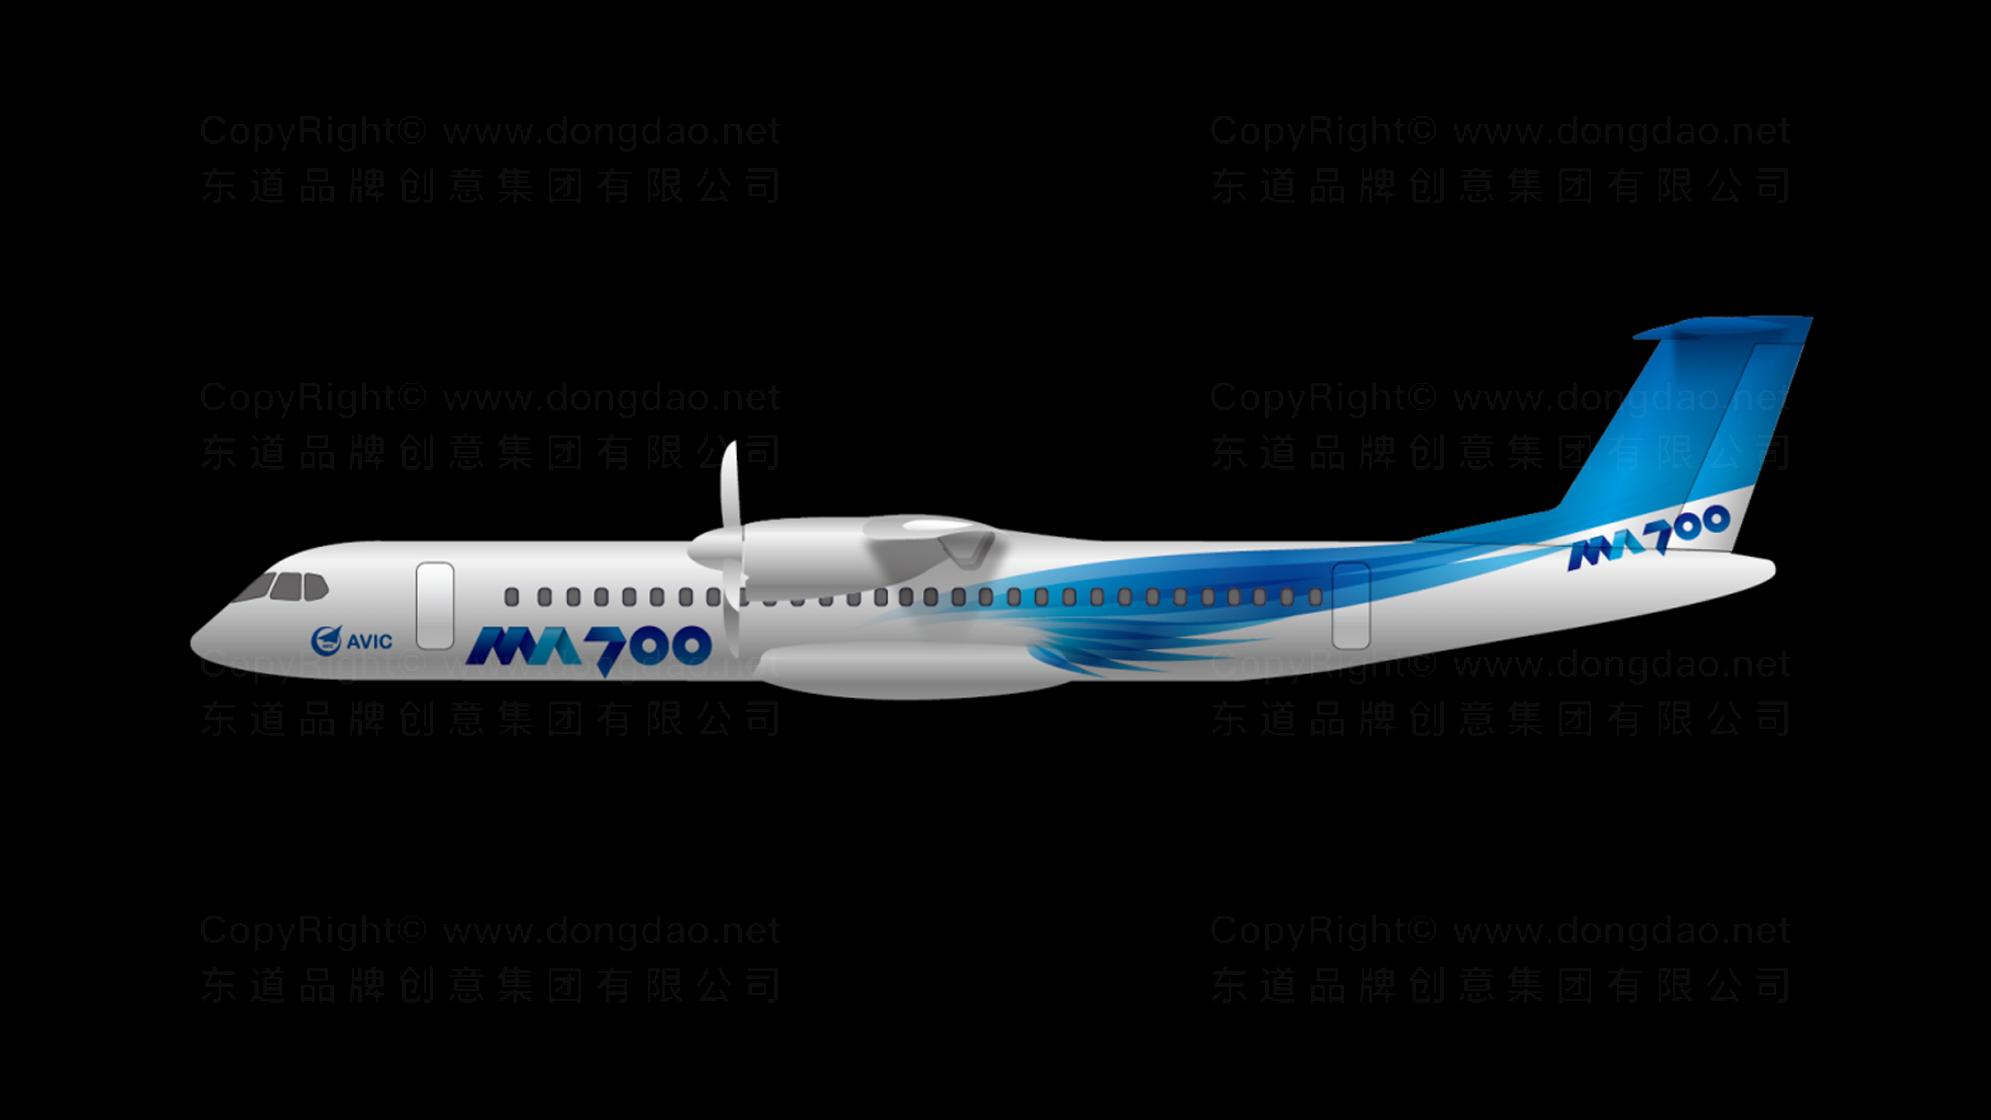 航空公司vi设计应用